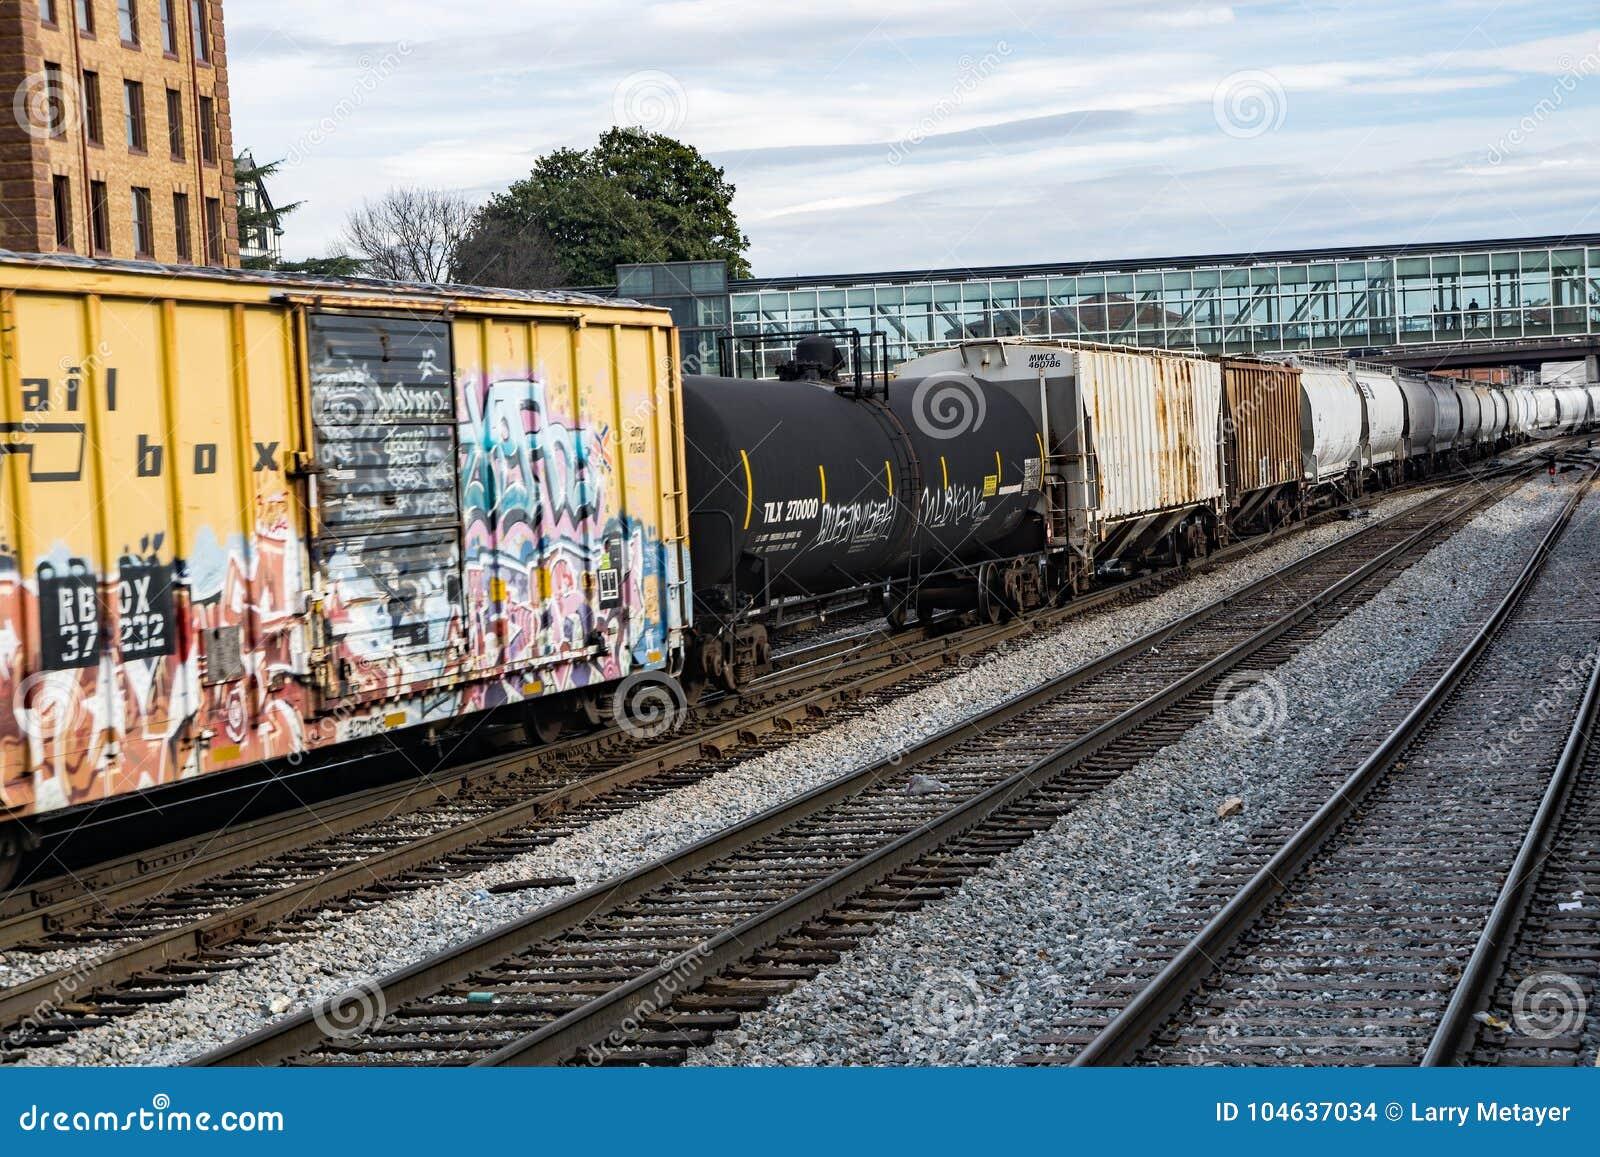 Download Mijl Lange Railcars redactionele stock afbeelding. Afbeelding bestaande uit krachtig - 104637034